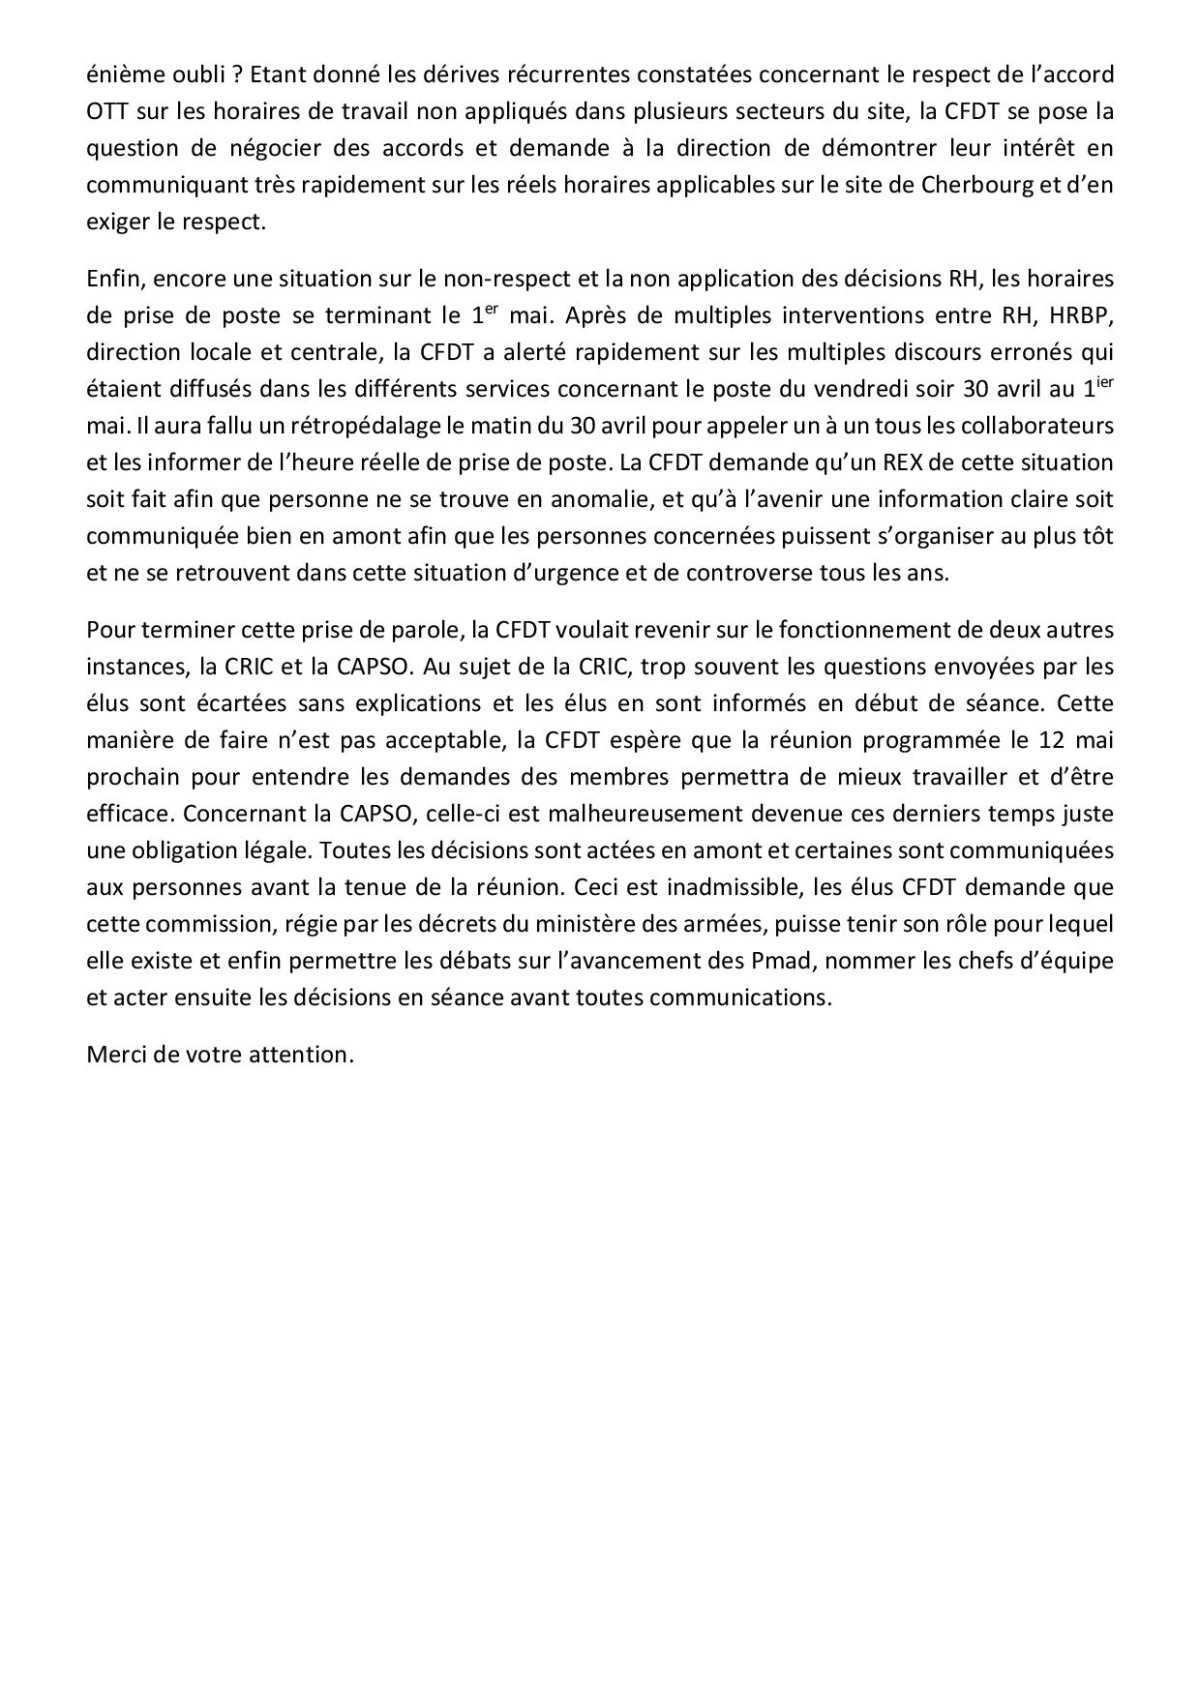 CR du CSE du 11 Mai 2021